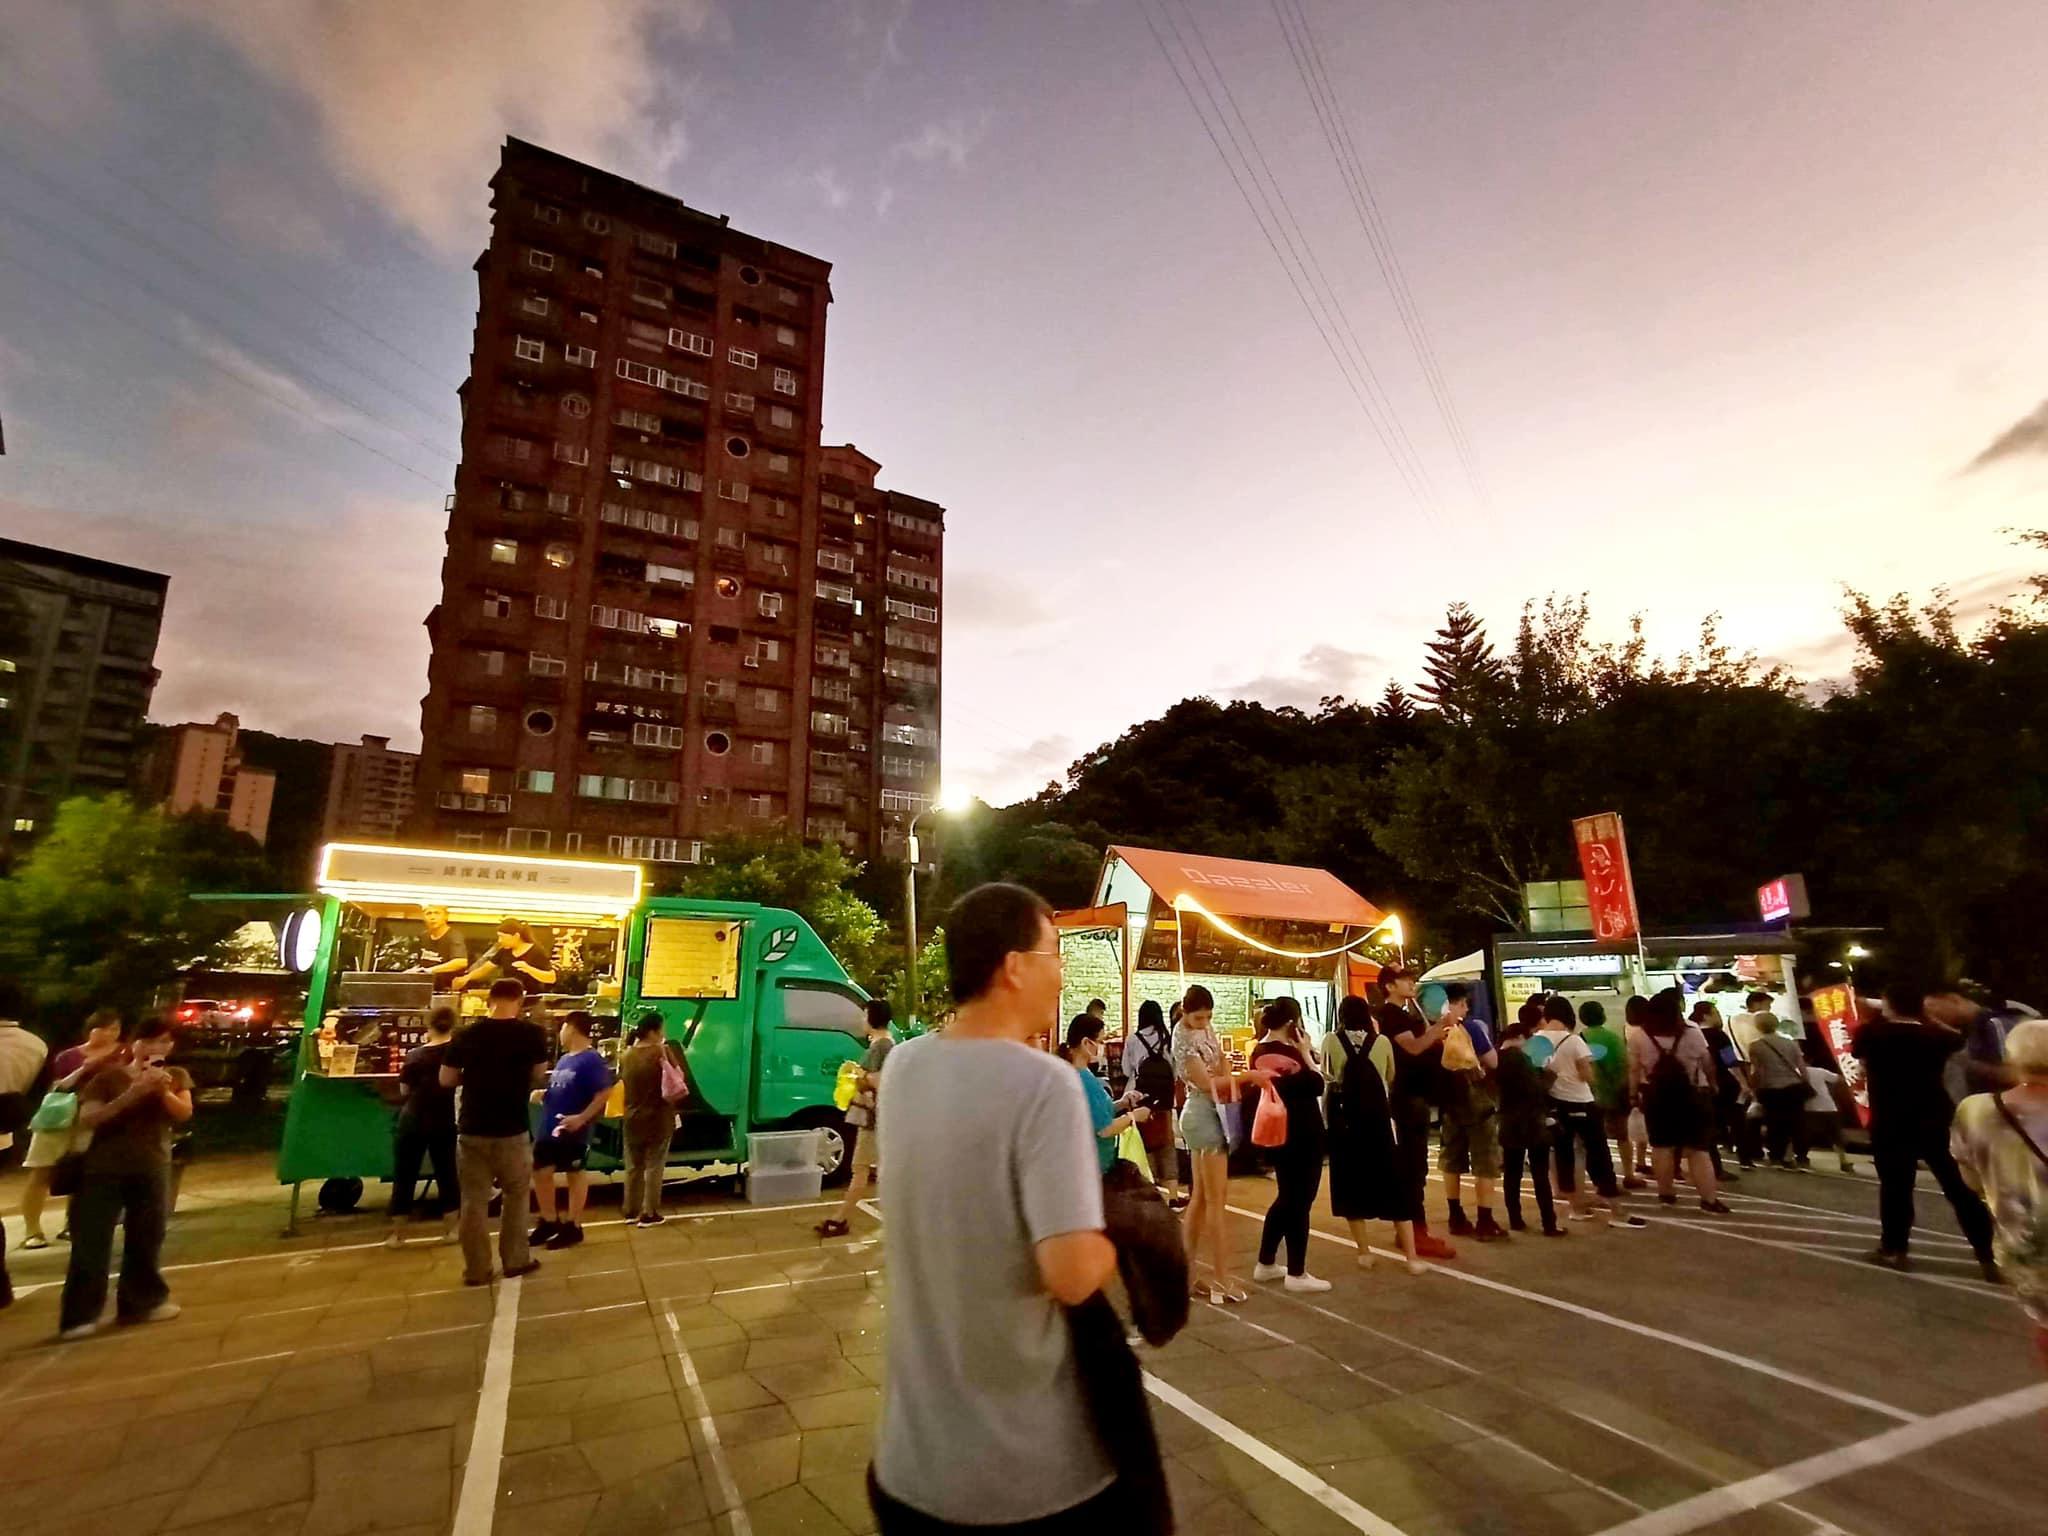 素食朋友吃起來!全台跑透透、限定版素食小夜市來新竹!只有一天